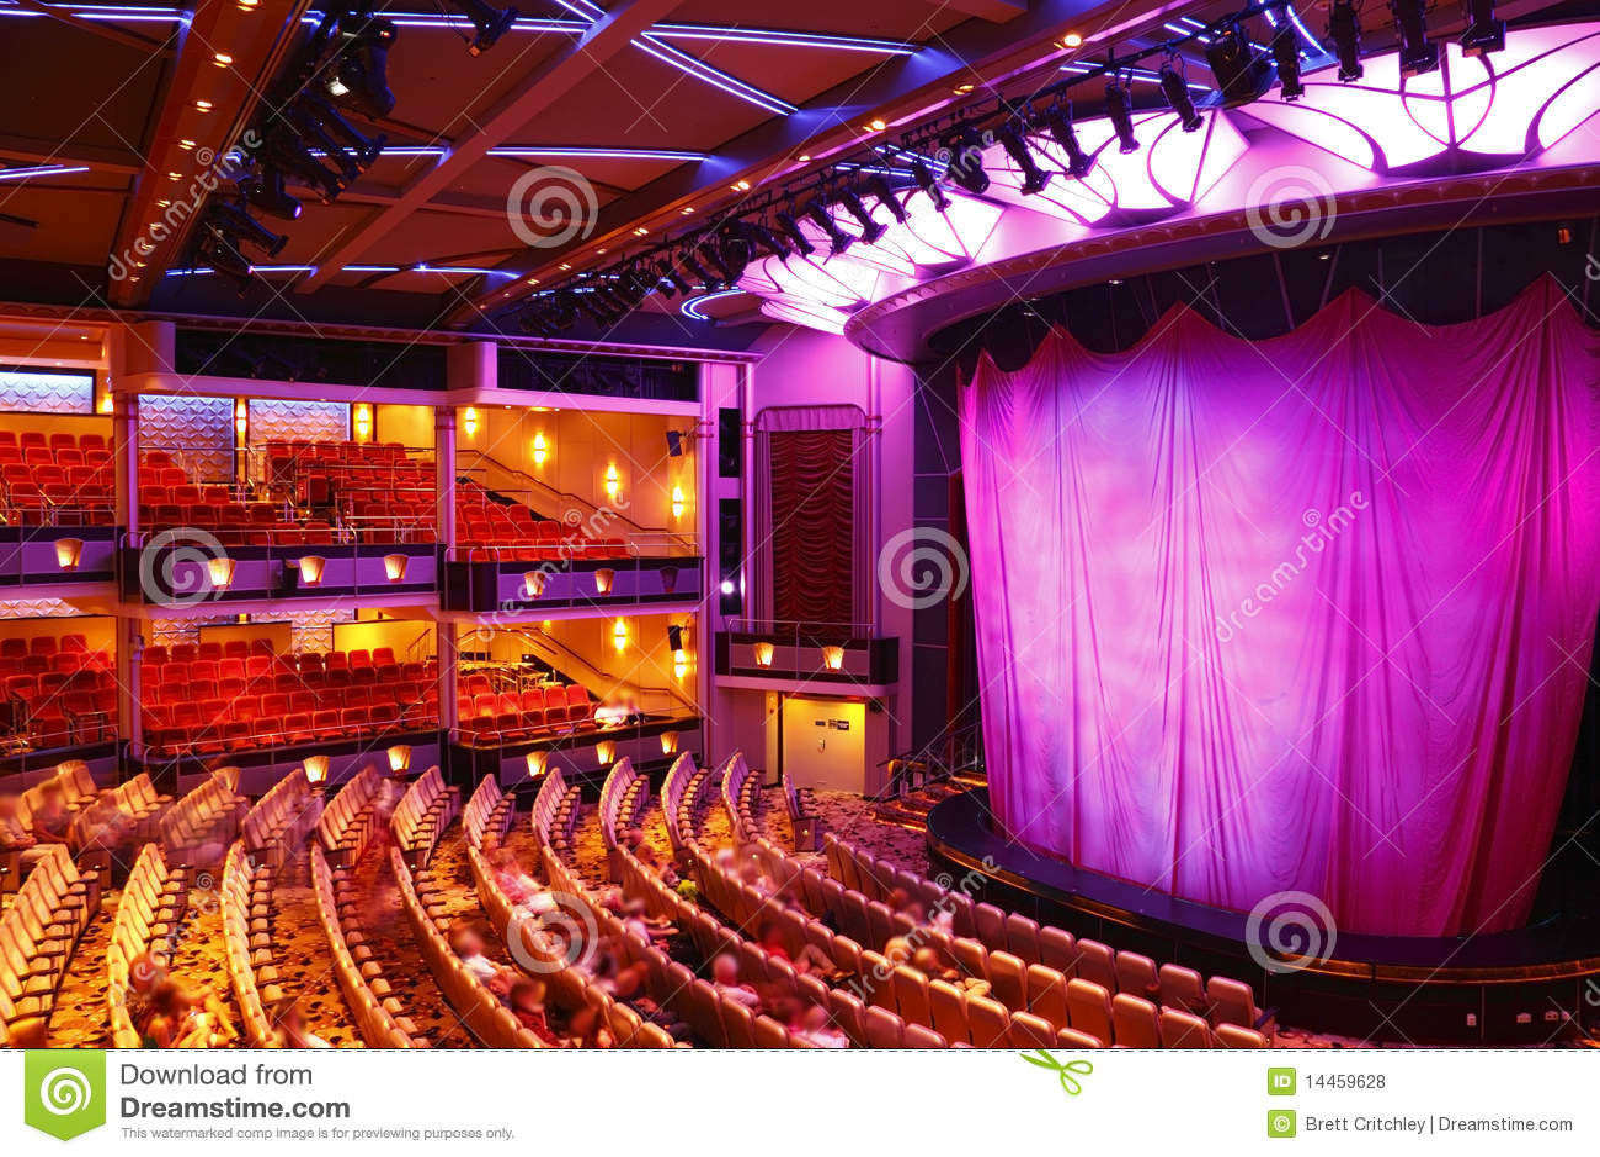 Teatro moderno foto de archivo Imagen de hospitalidad  14459628